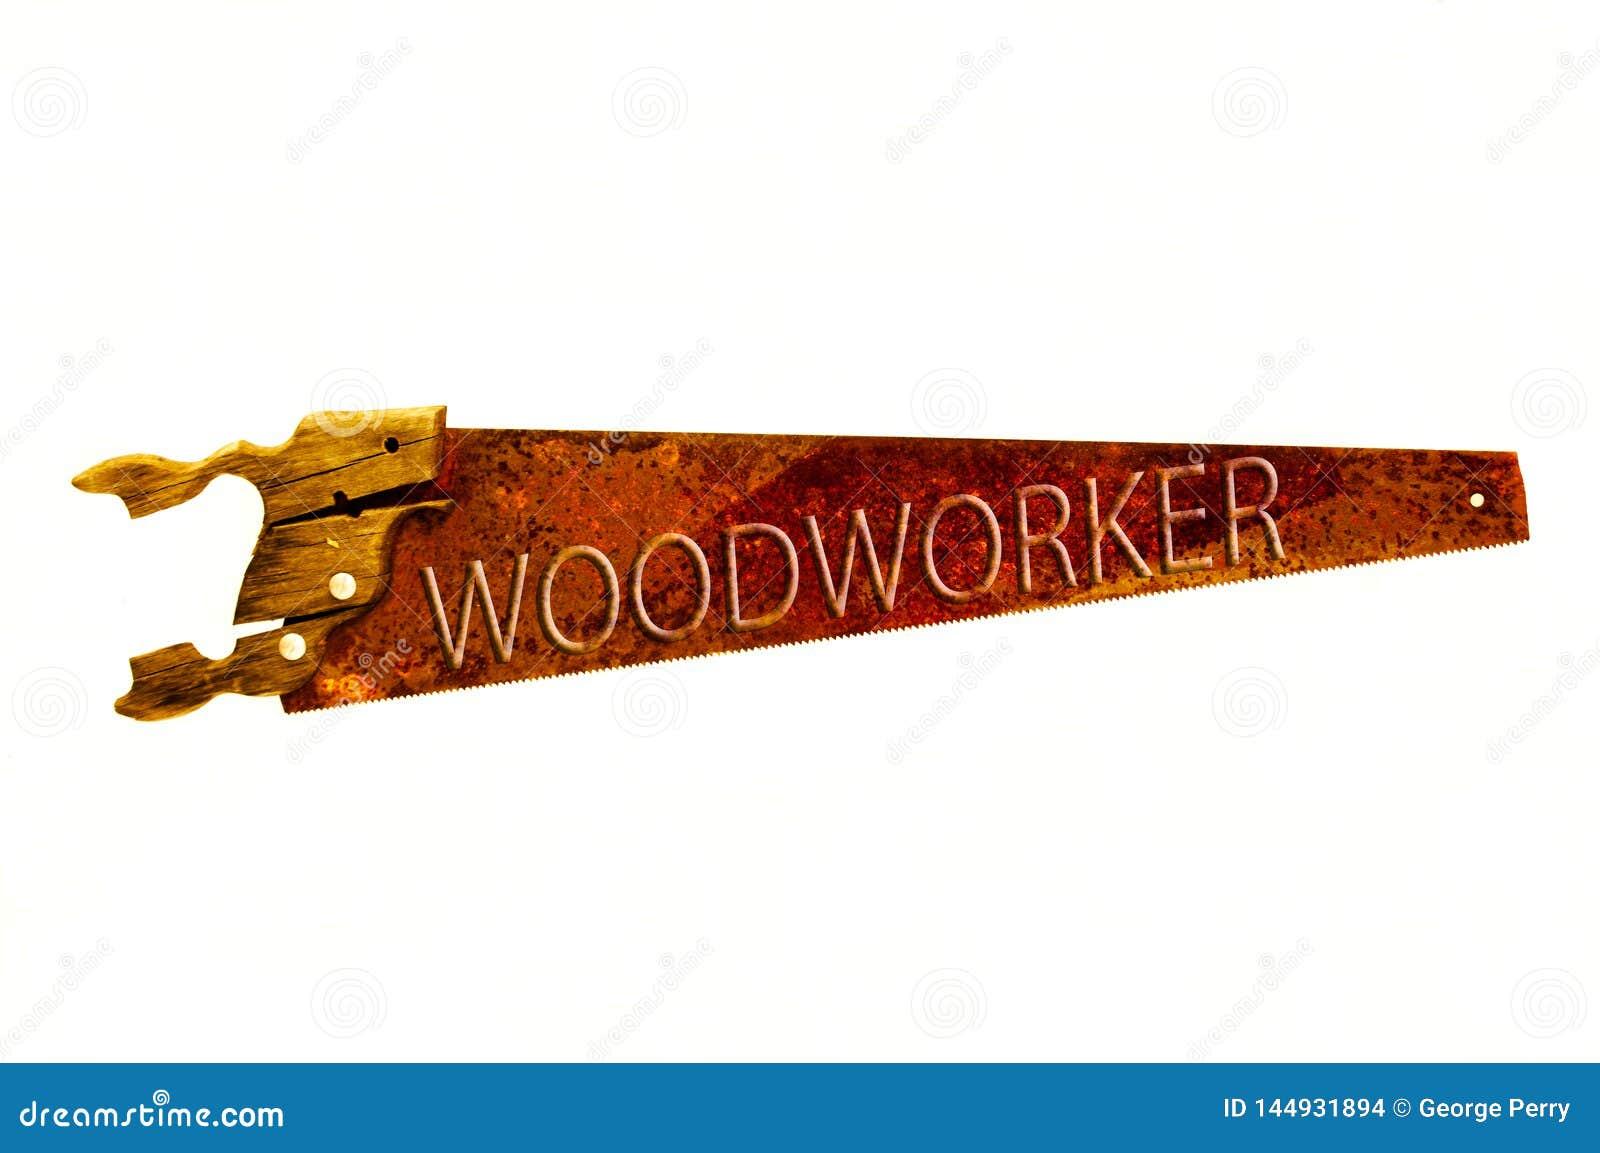 Rostiger alter Handsaw